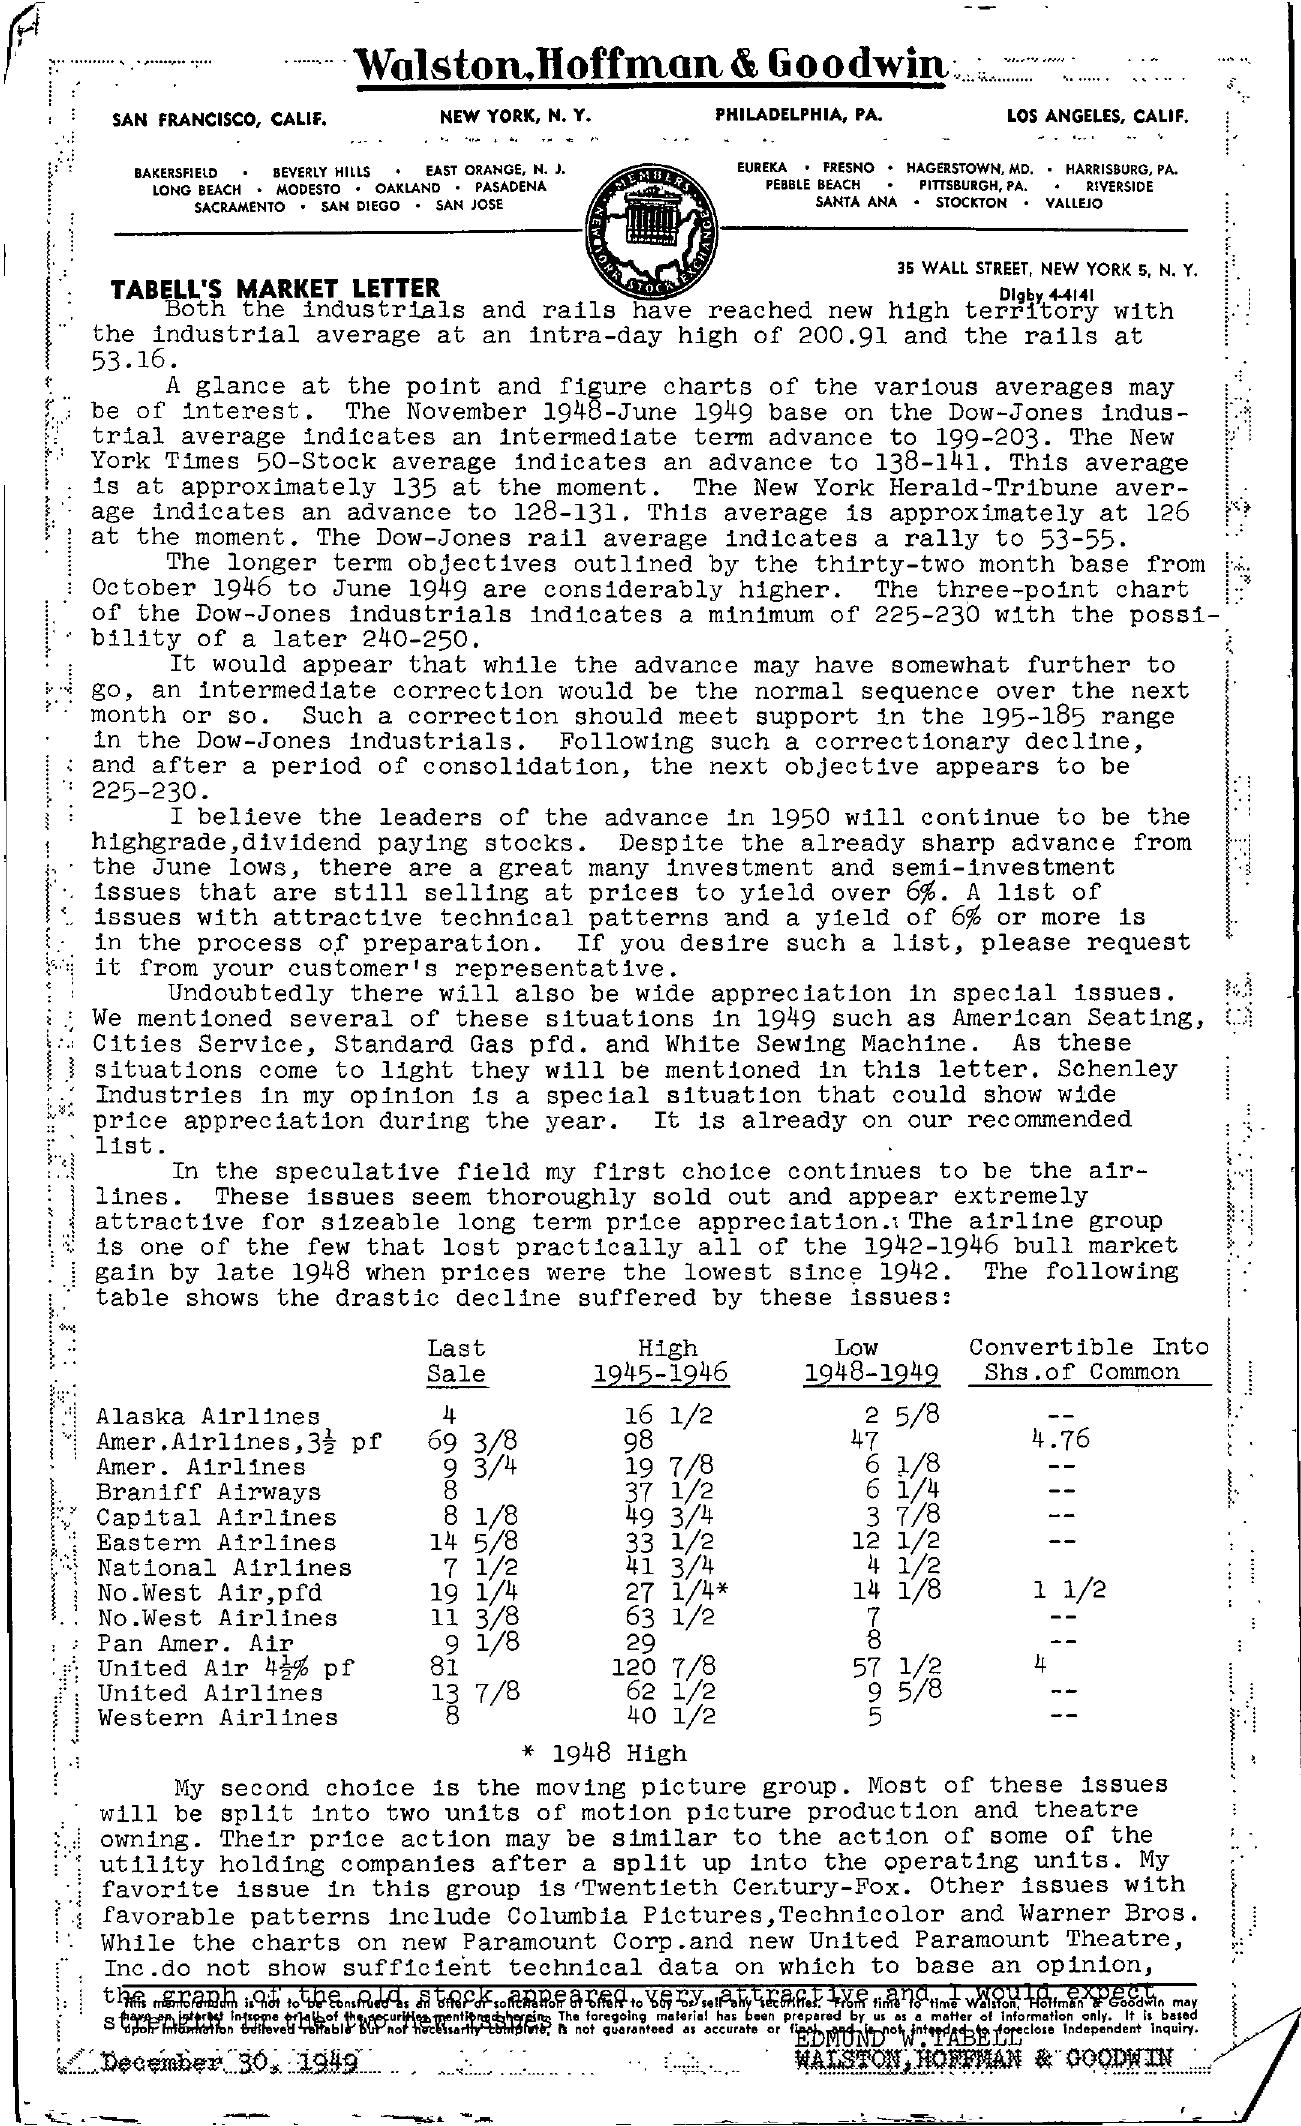 Tabell's Market Letter - December 30, 1949